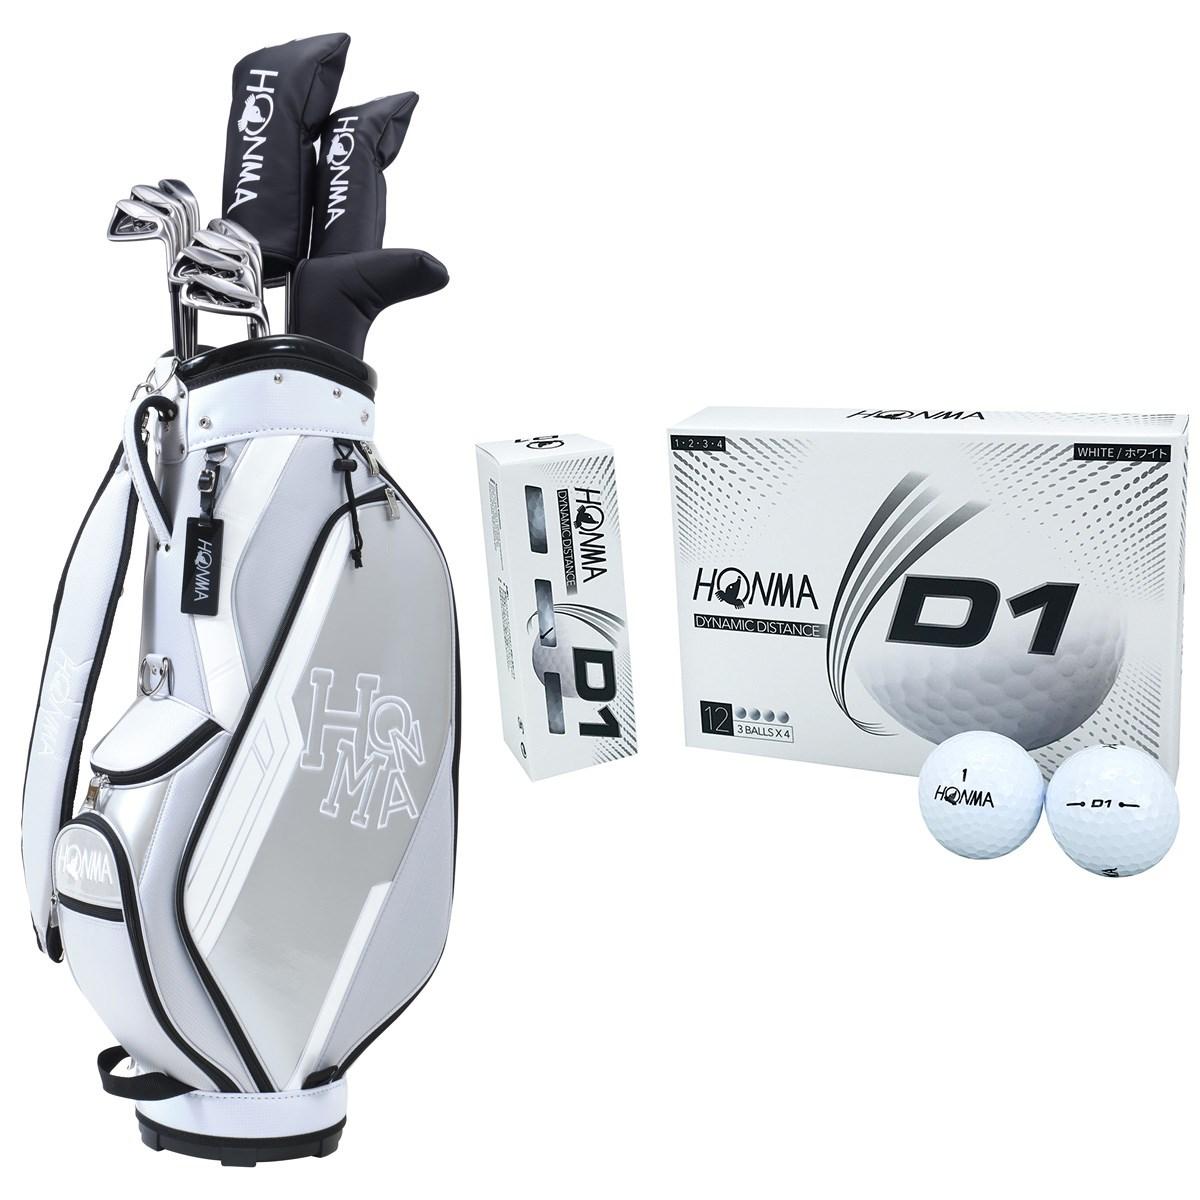 本間ゴルフ HONMA D1 オールインワンセット(10本セット)+ボール1ダースセット S 【クラブセット】グレー/【ボール】ホワイト